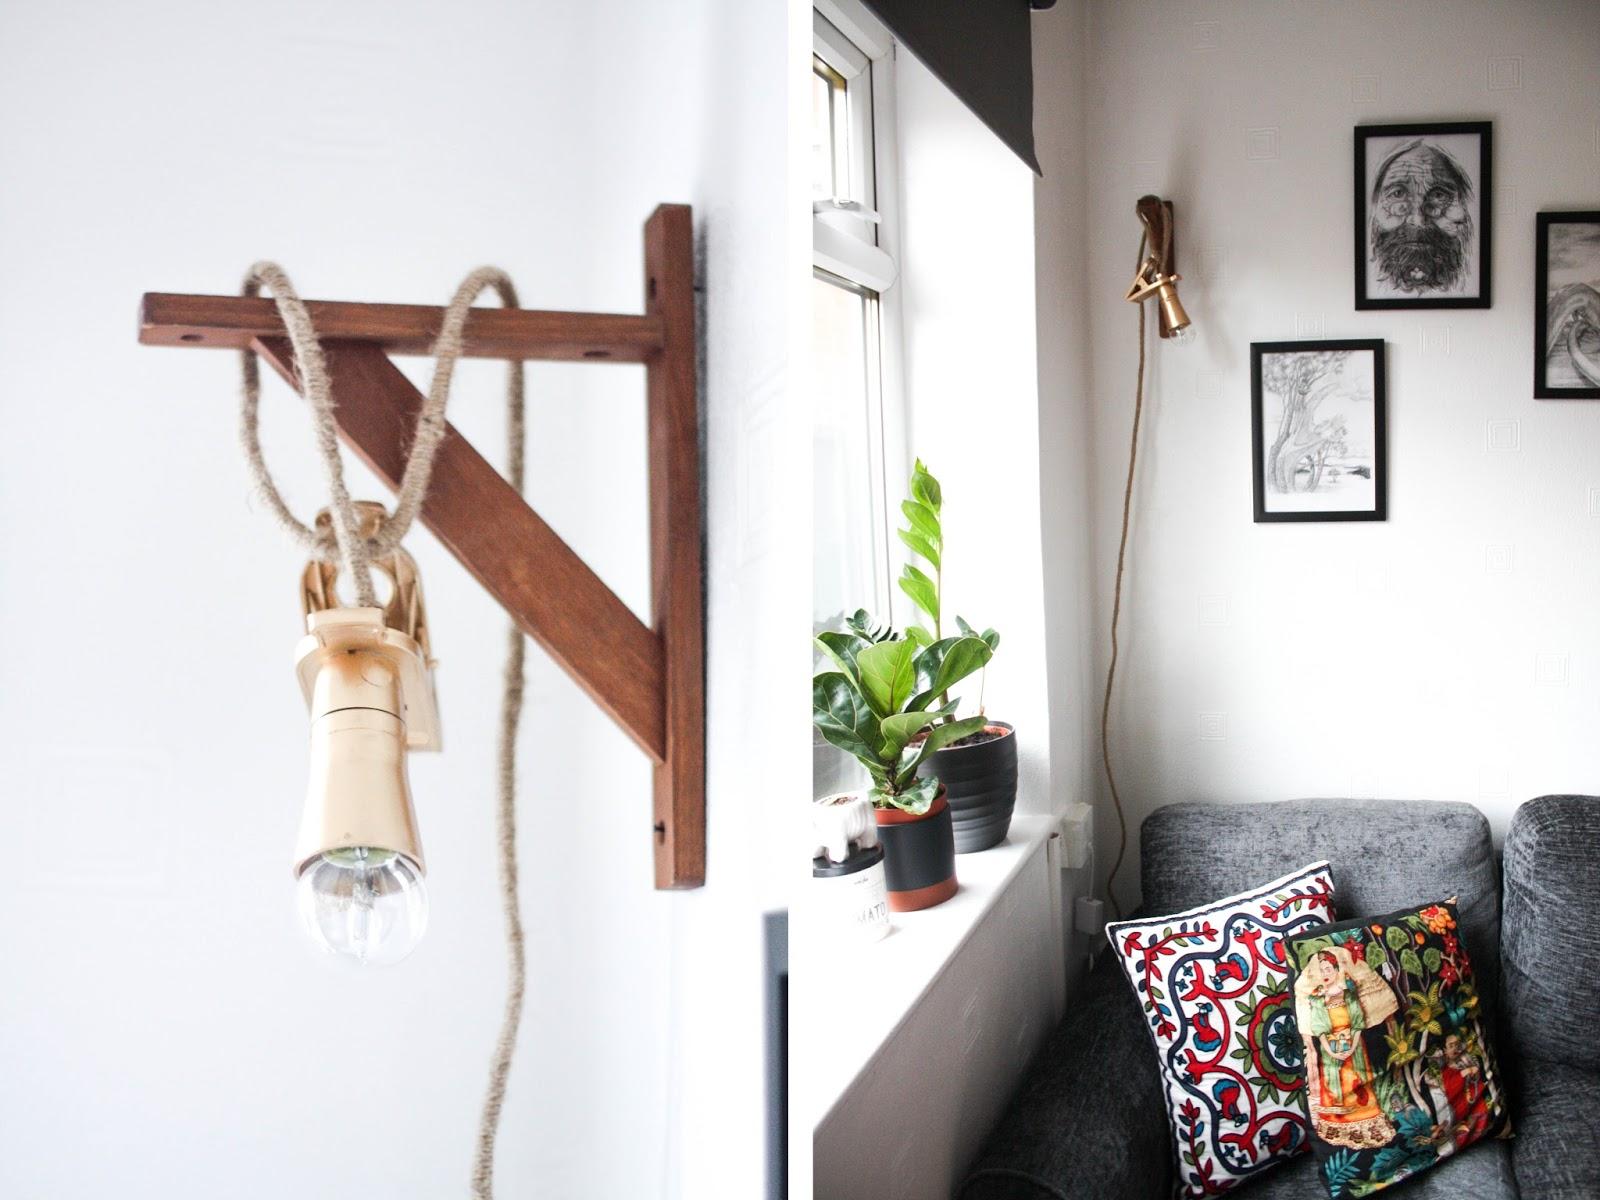 jean graham 39 s blog diy hanging cord lamp. Black Bedroom Furniture Sets. Home Design Ideas